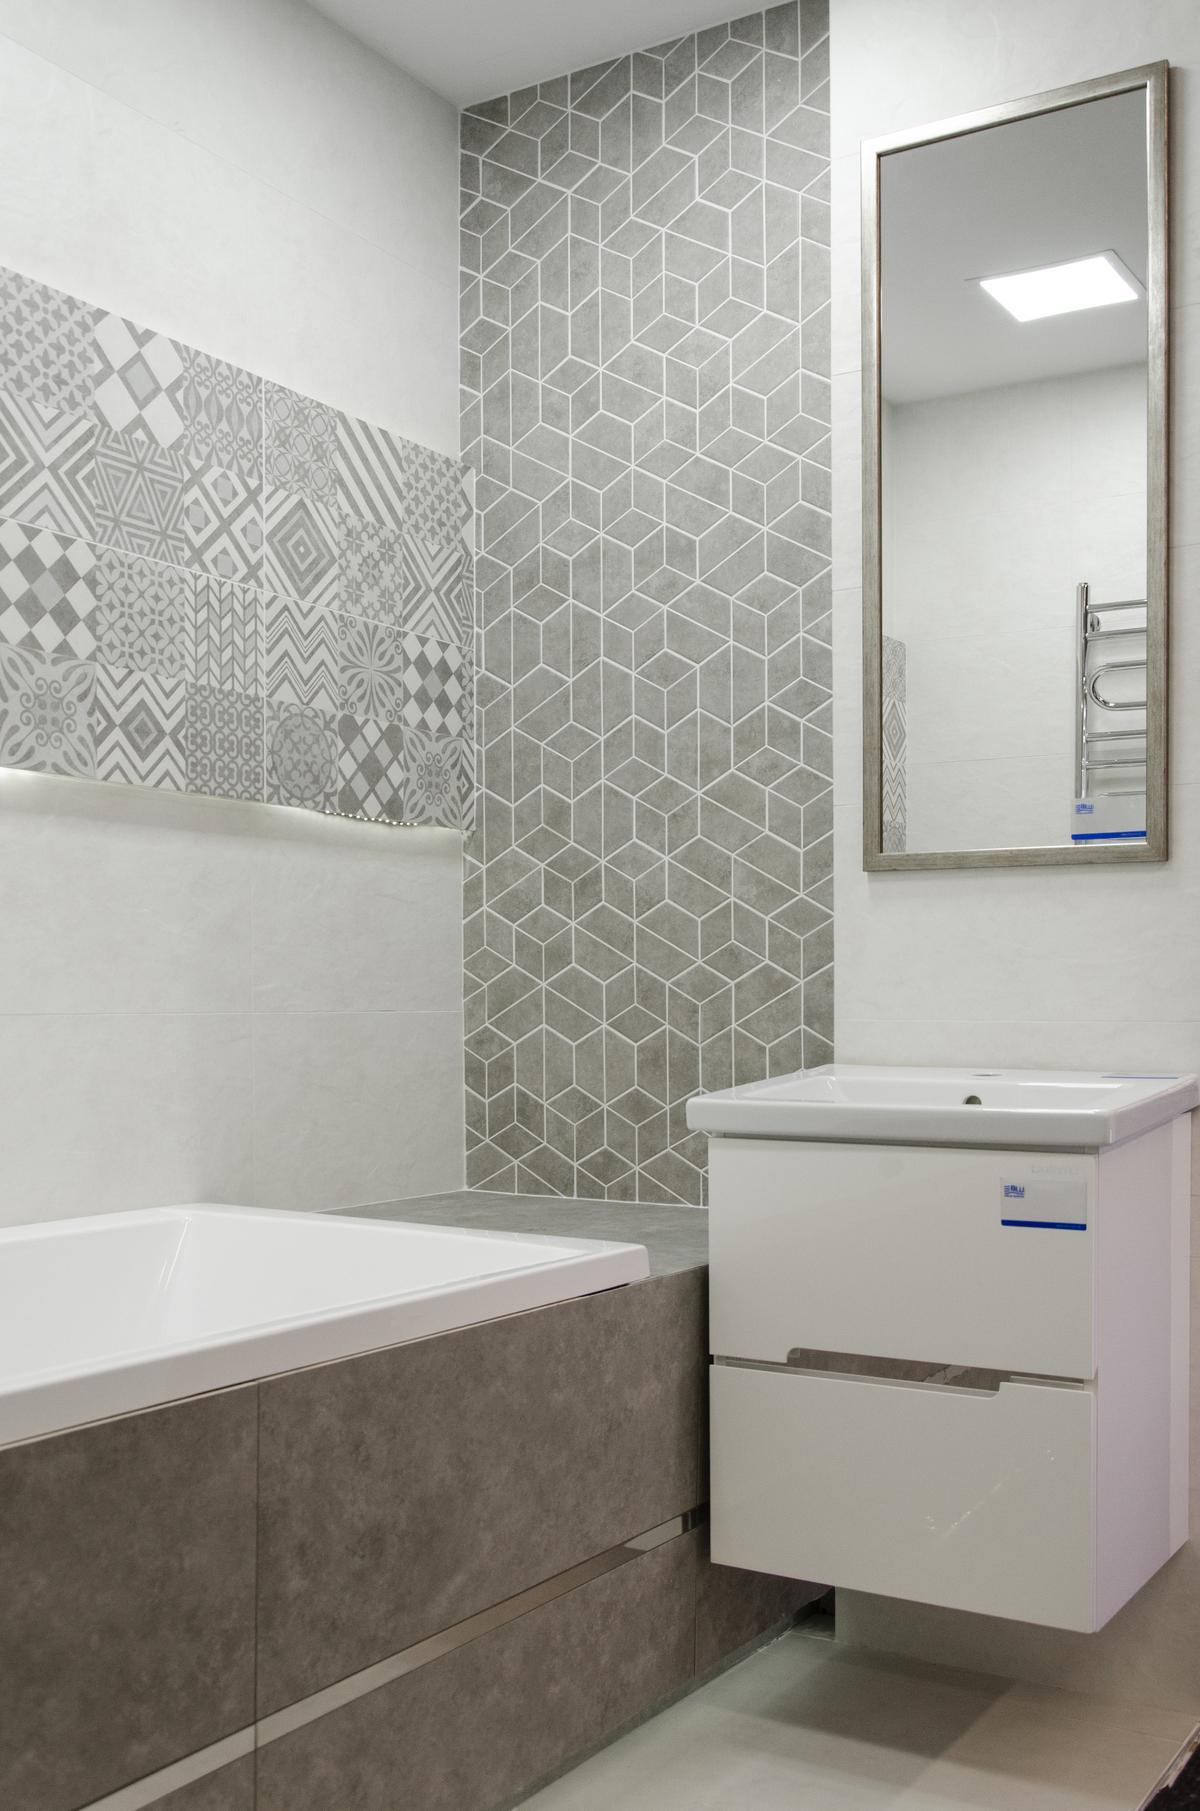 Szara łazienka z połączeniem różnych wzorów patchworku i heksagonów - zdjęcie od BLU salon łazienek Łowicz